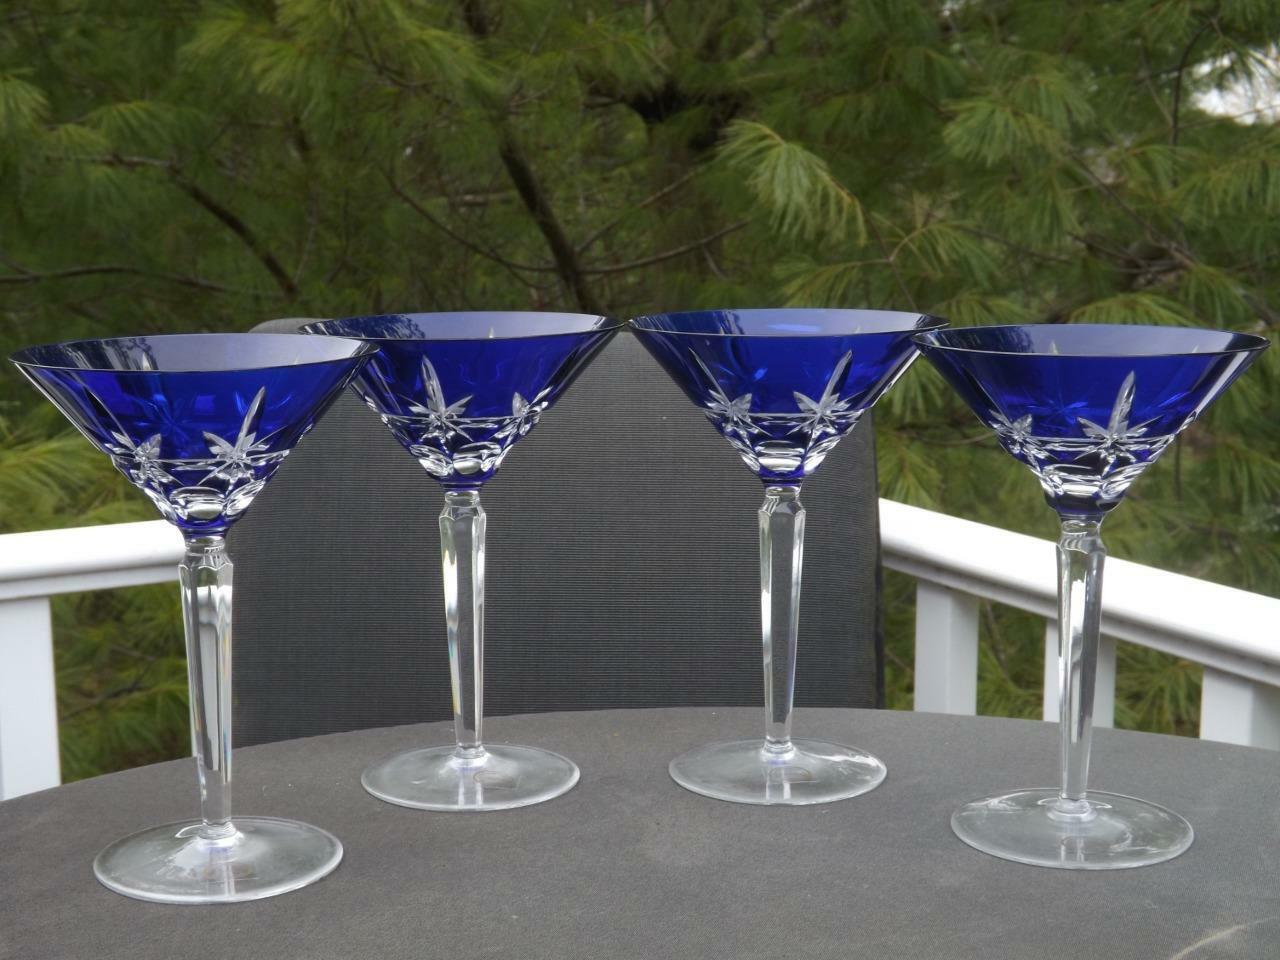 4 Neuf avec étiquettes Akja Coupe Verre Bleu Cobalt Verre à Martini 19.1cm Haut